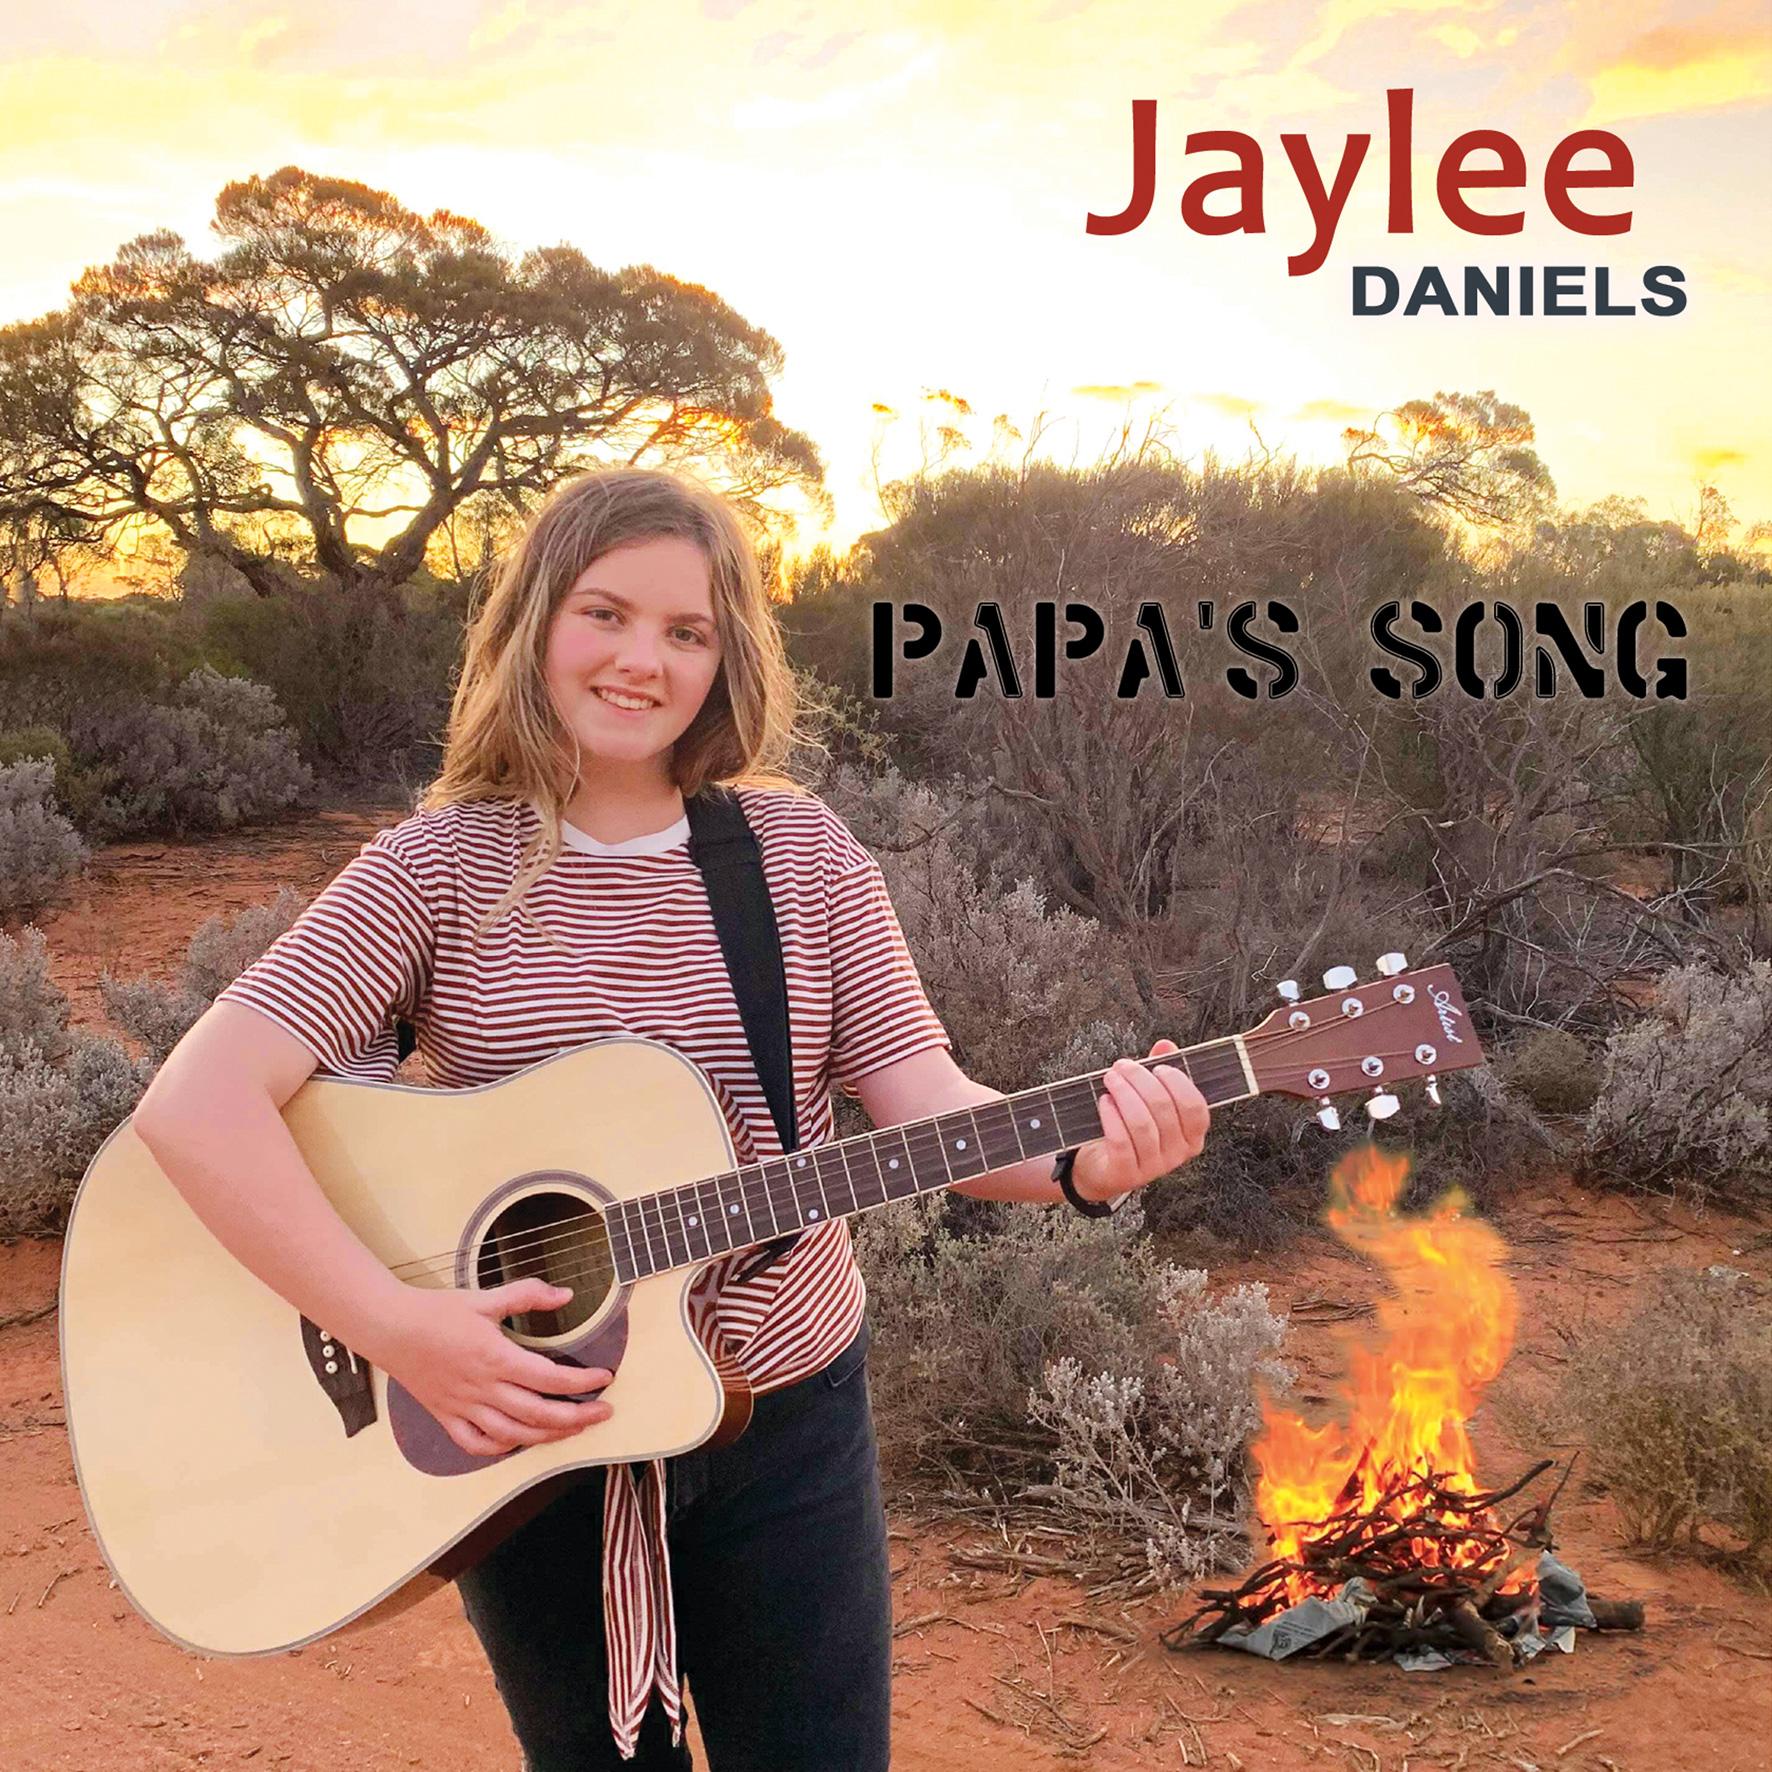 Jaylee Daniels